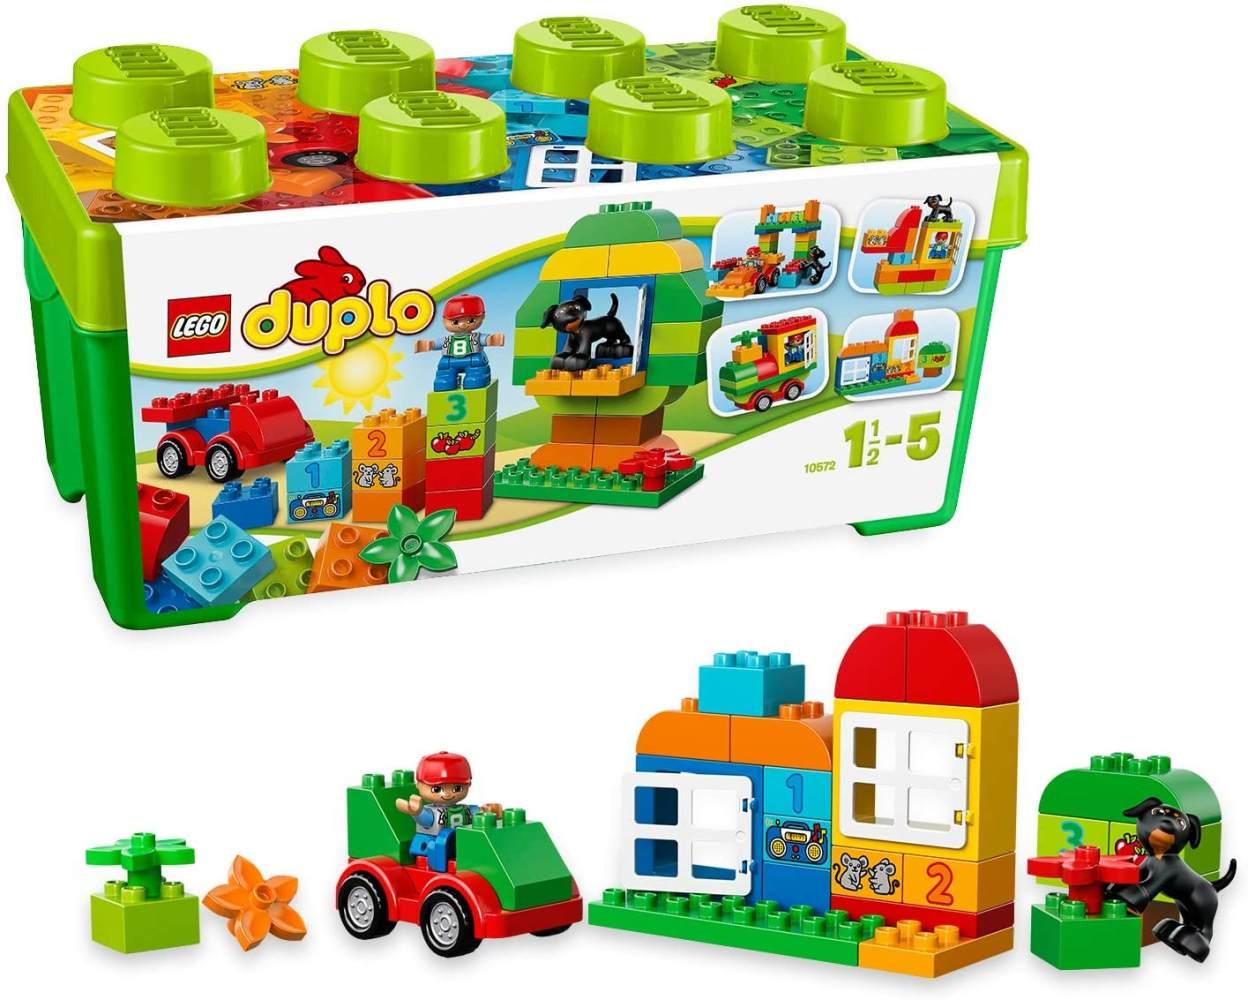 LEGO 10572 DUPLO Große Steinebox, Kreatives Lernspielzeug Bild 1